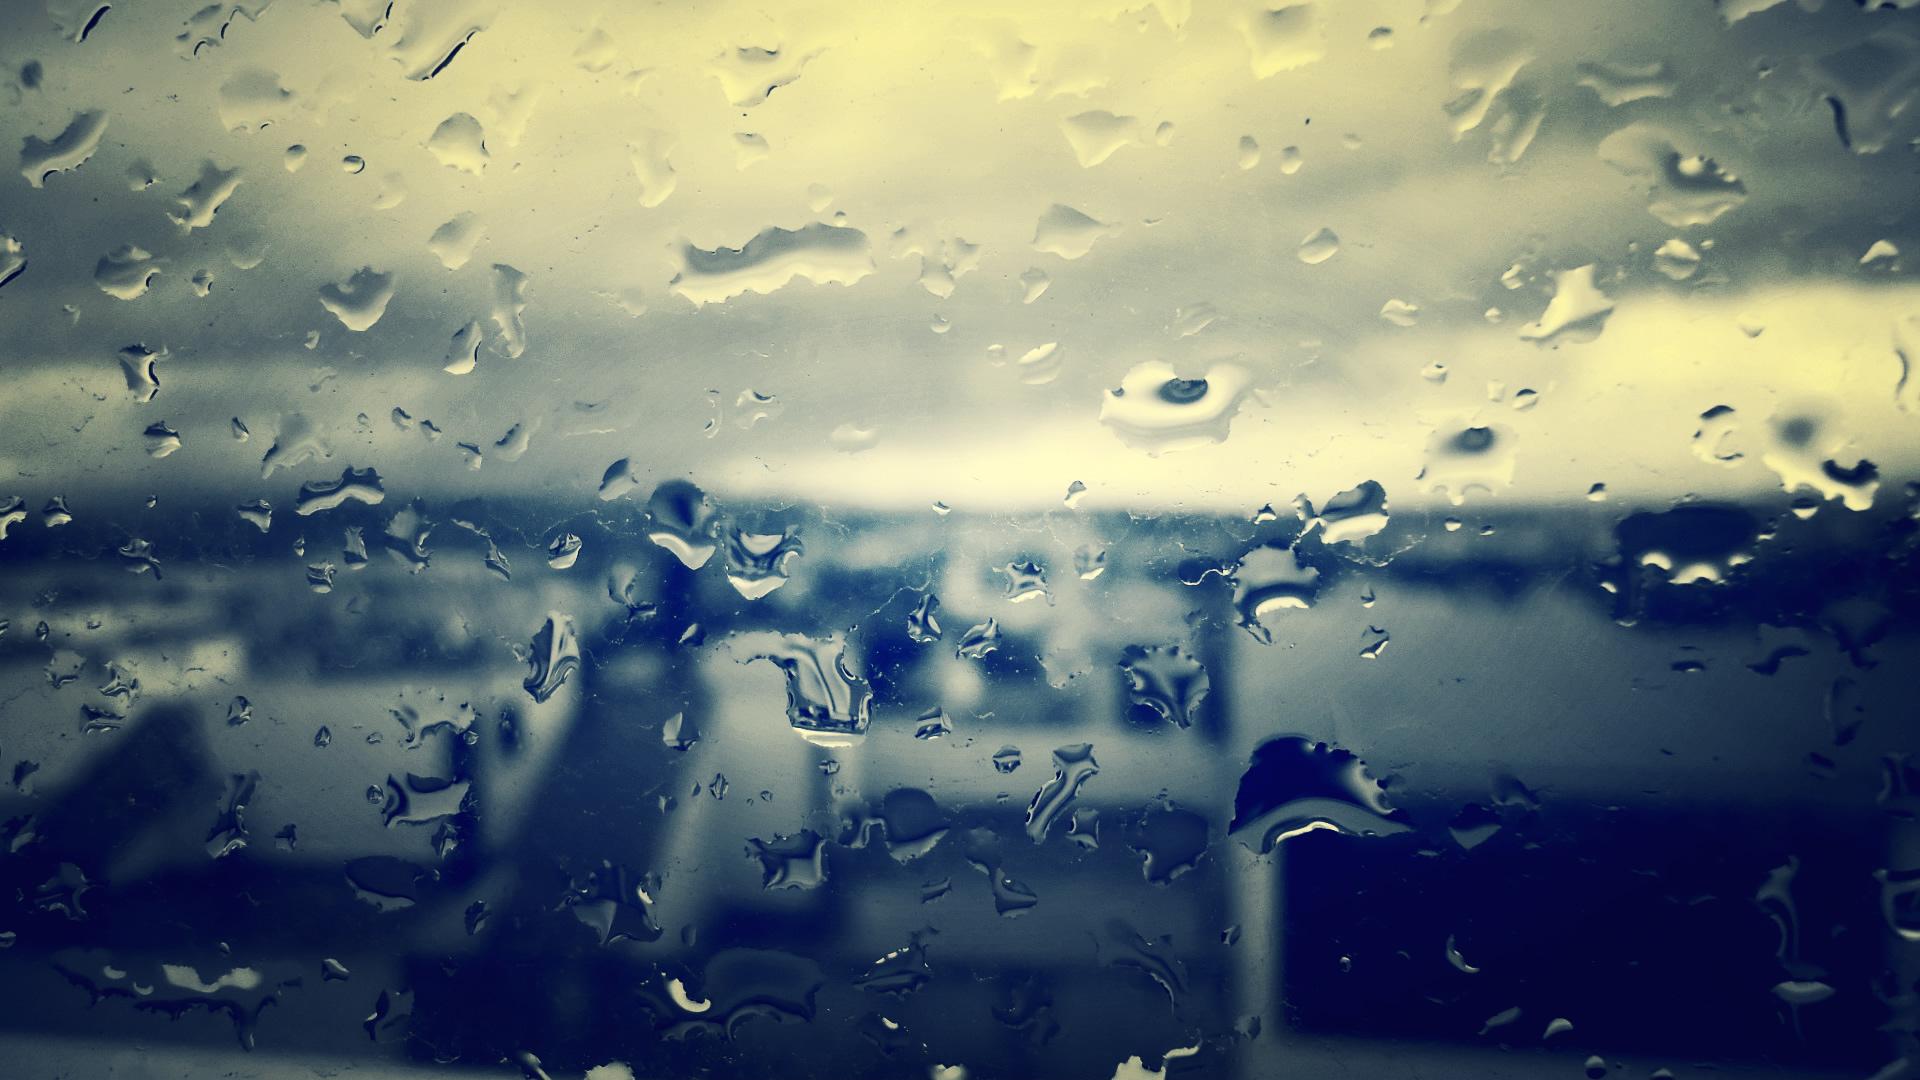 rainy day 4k wallpaper - photo #39